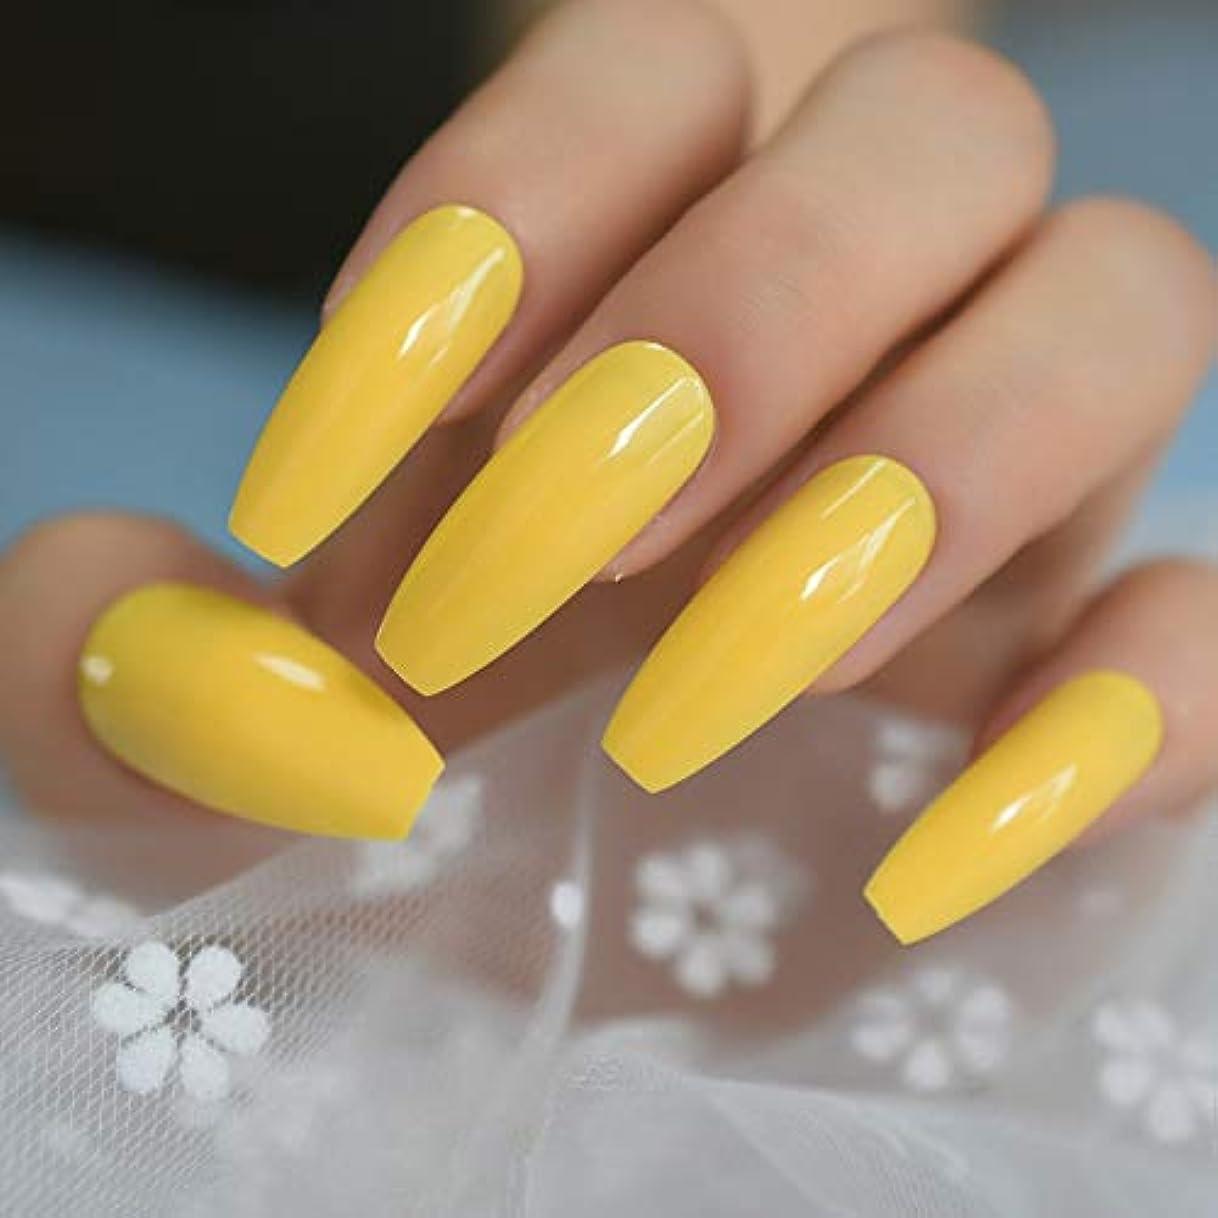 プリーツ考慮冒険家XUTXZKA 偽爪のネオンの明るい黄色のプレス、指の爪の余分な長いketの形の無料の粘着テープ